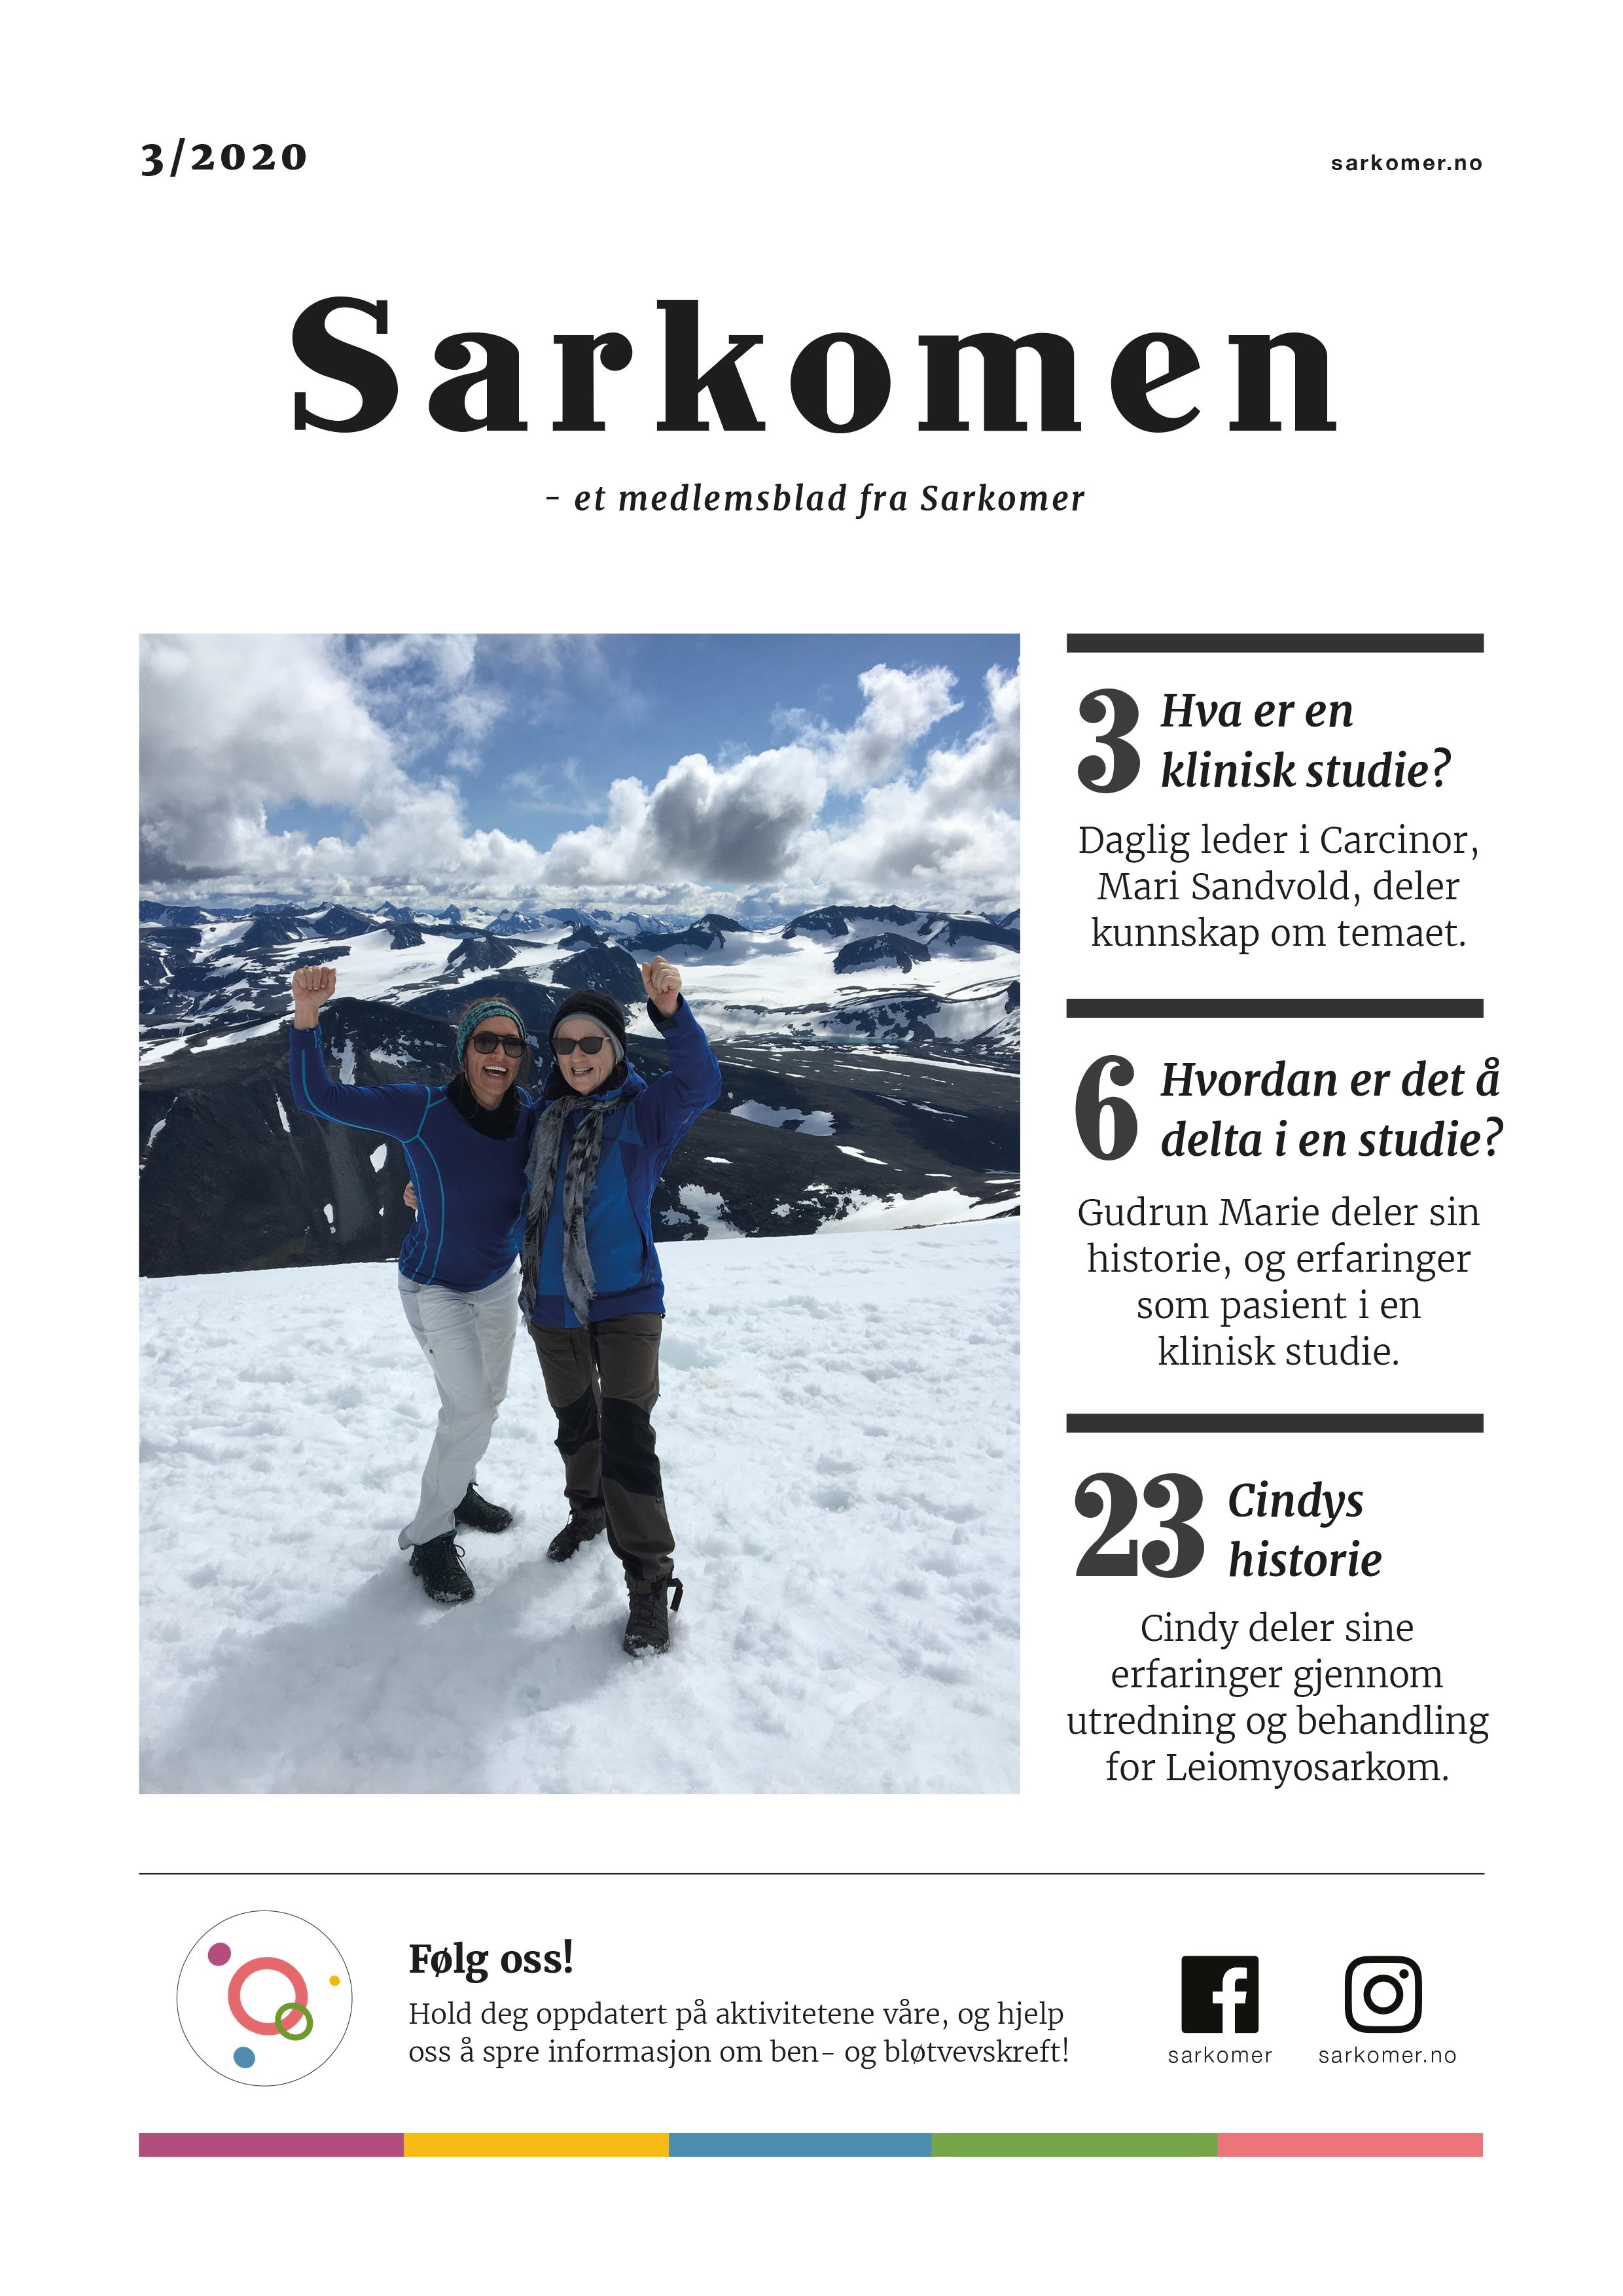 Sarkomen_3-2020